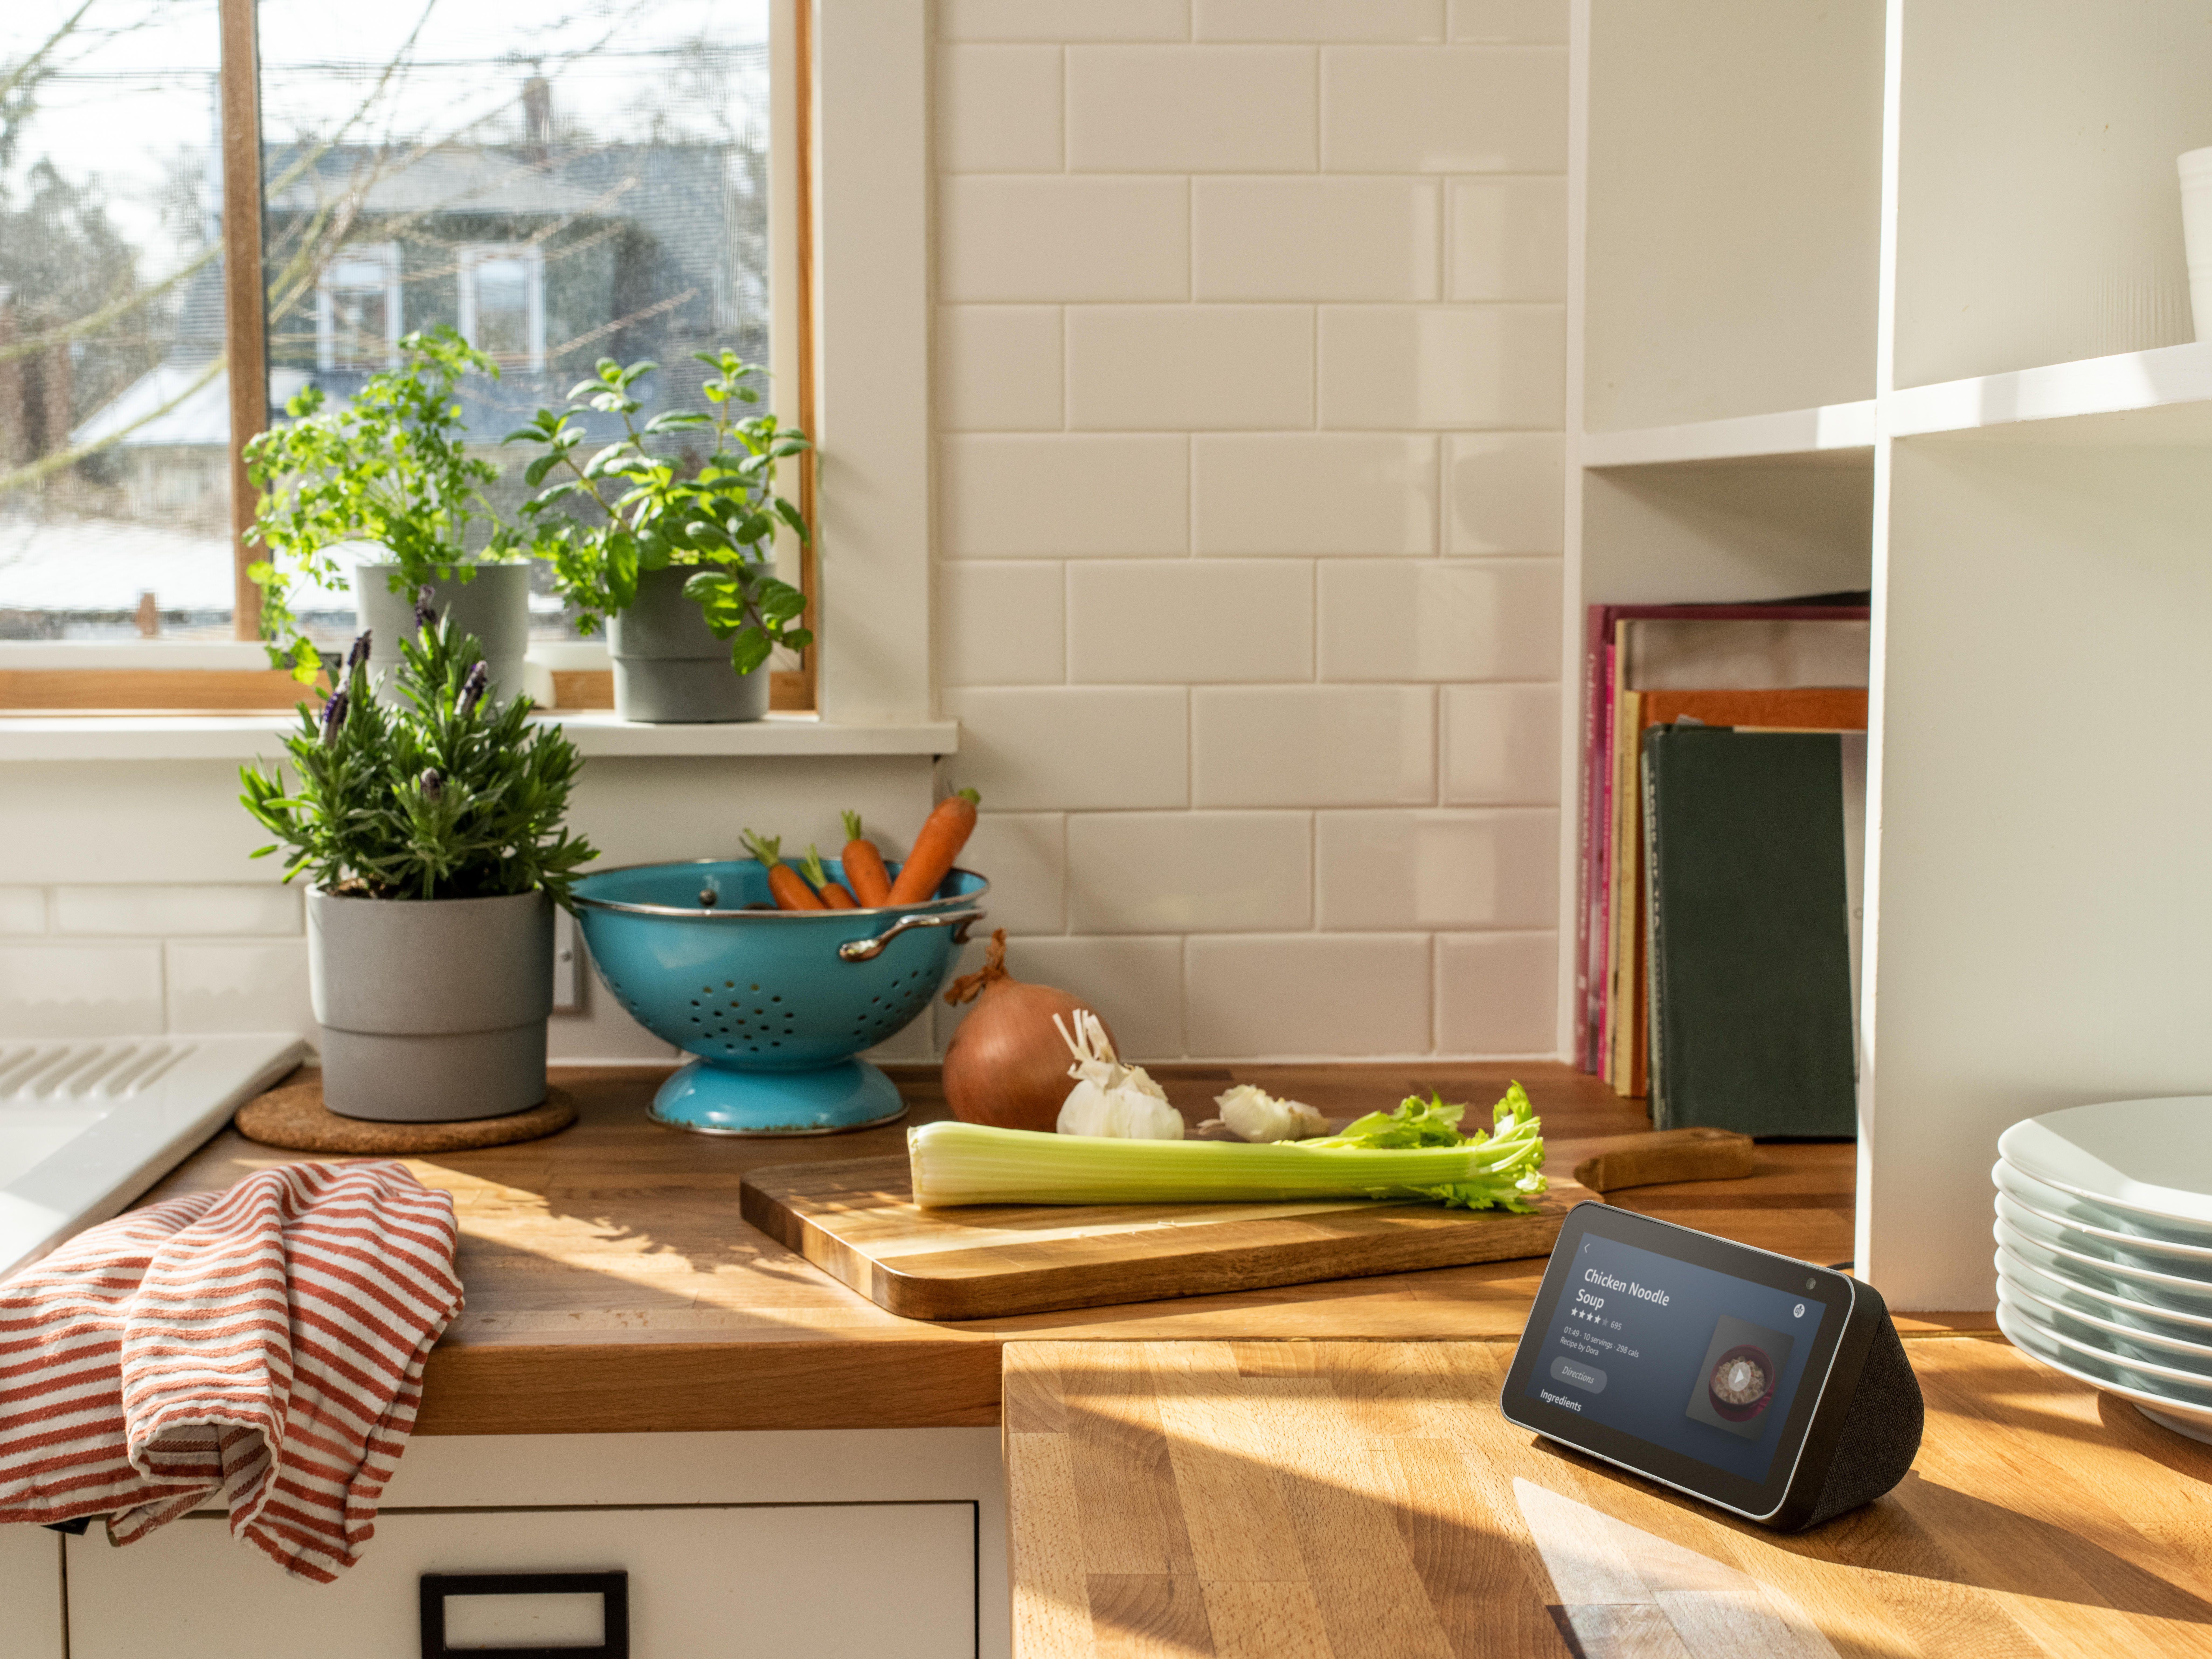 echo-show-5-kitchen